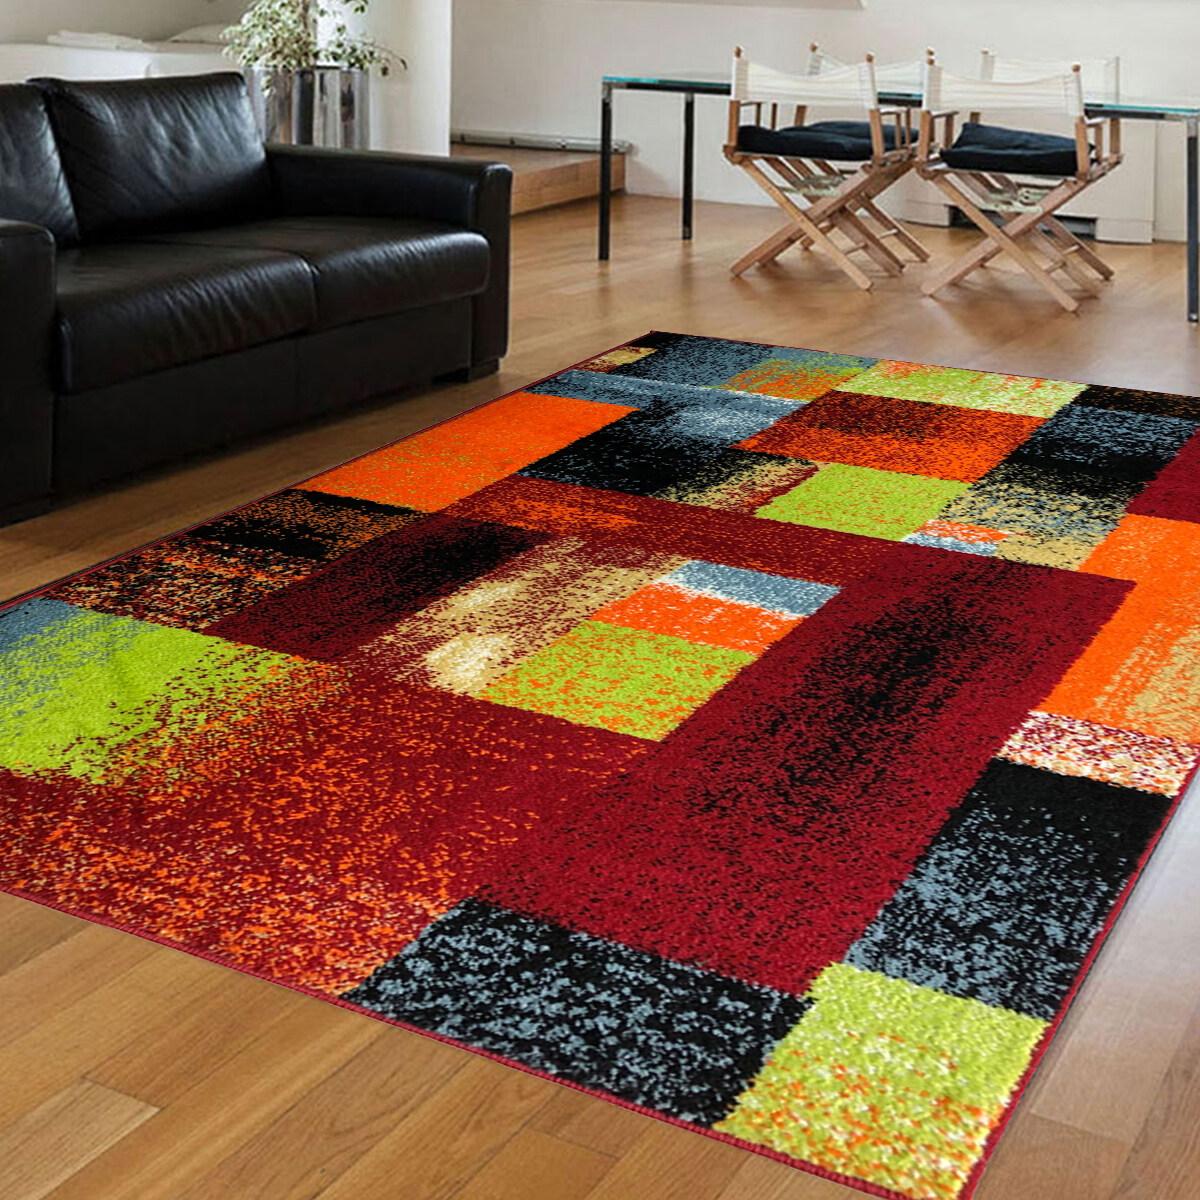 Modern Carpet Da Vinci - Code 1205